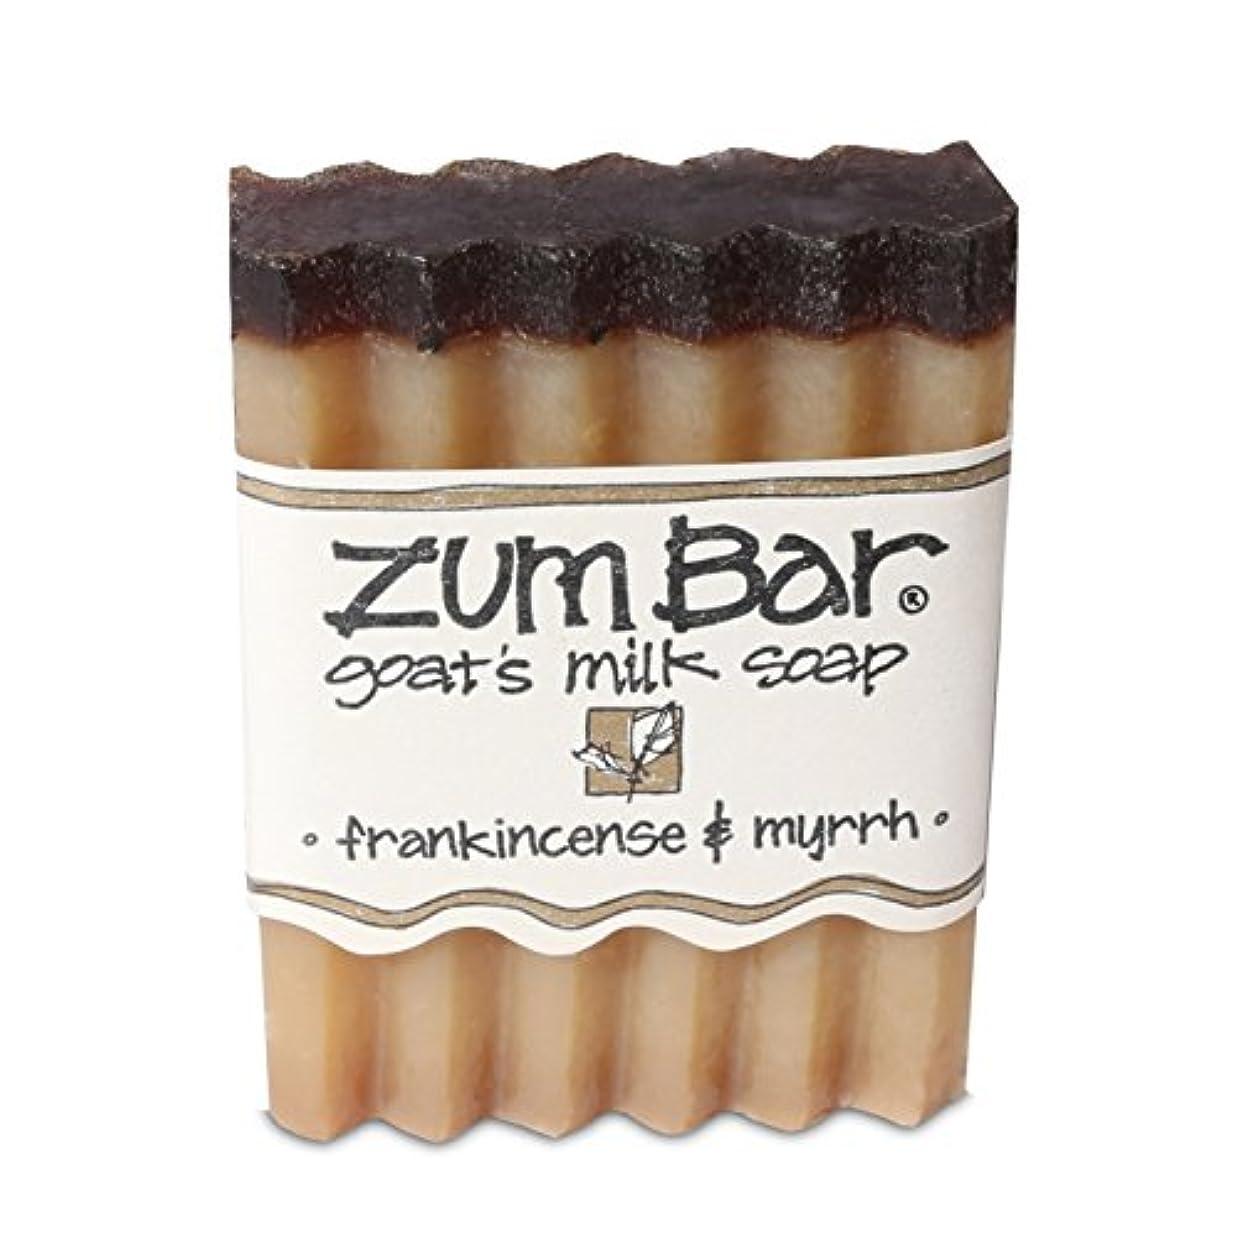 反対した考古学プロフィール海外直送品 Indigo Wild, Zum Bar, Goat's ミルク ソープ フランキンセンス&ミルラ, 3 Ounces (2個セット) (Frankincense & Myrrh) [並行輸入品]